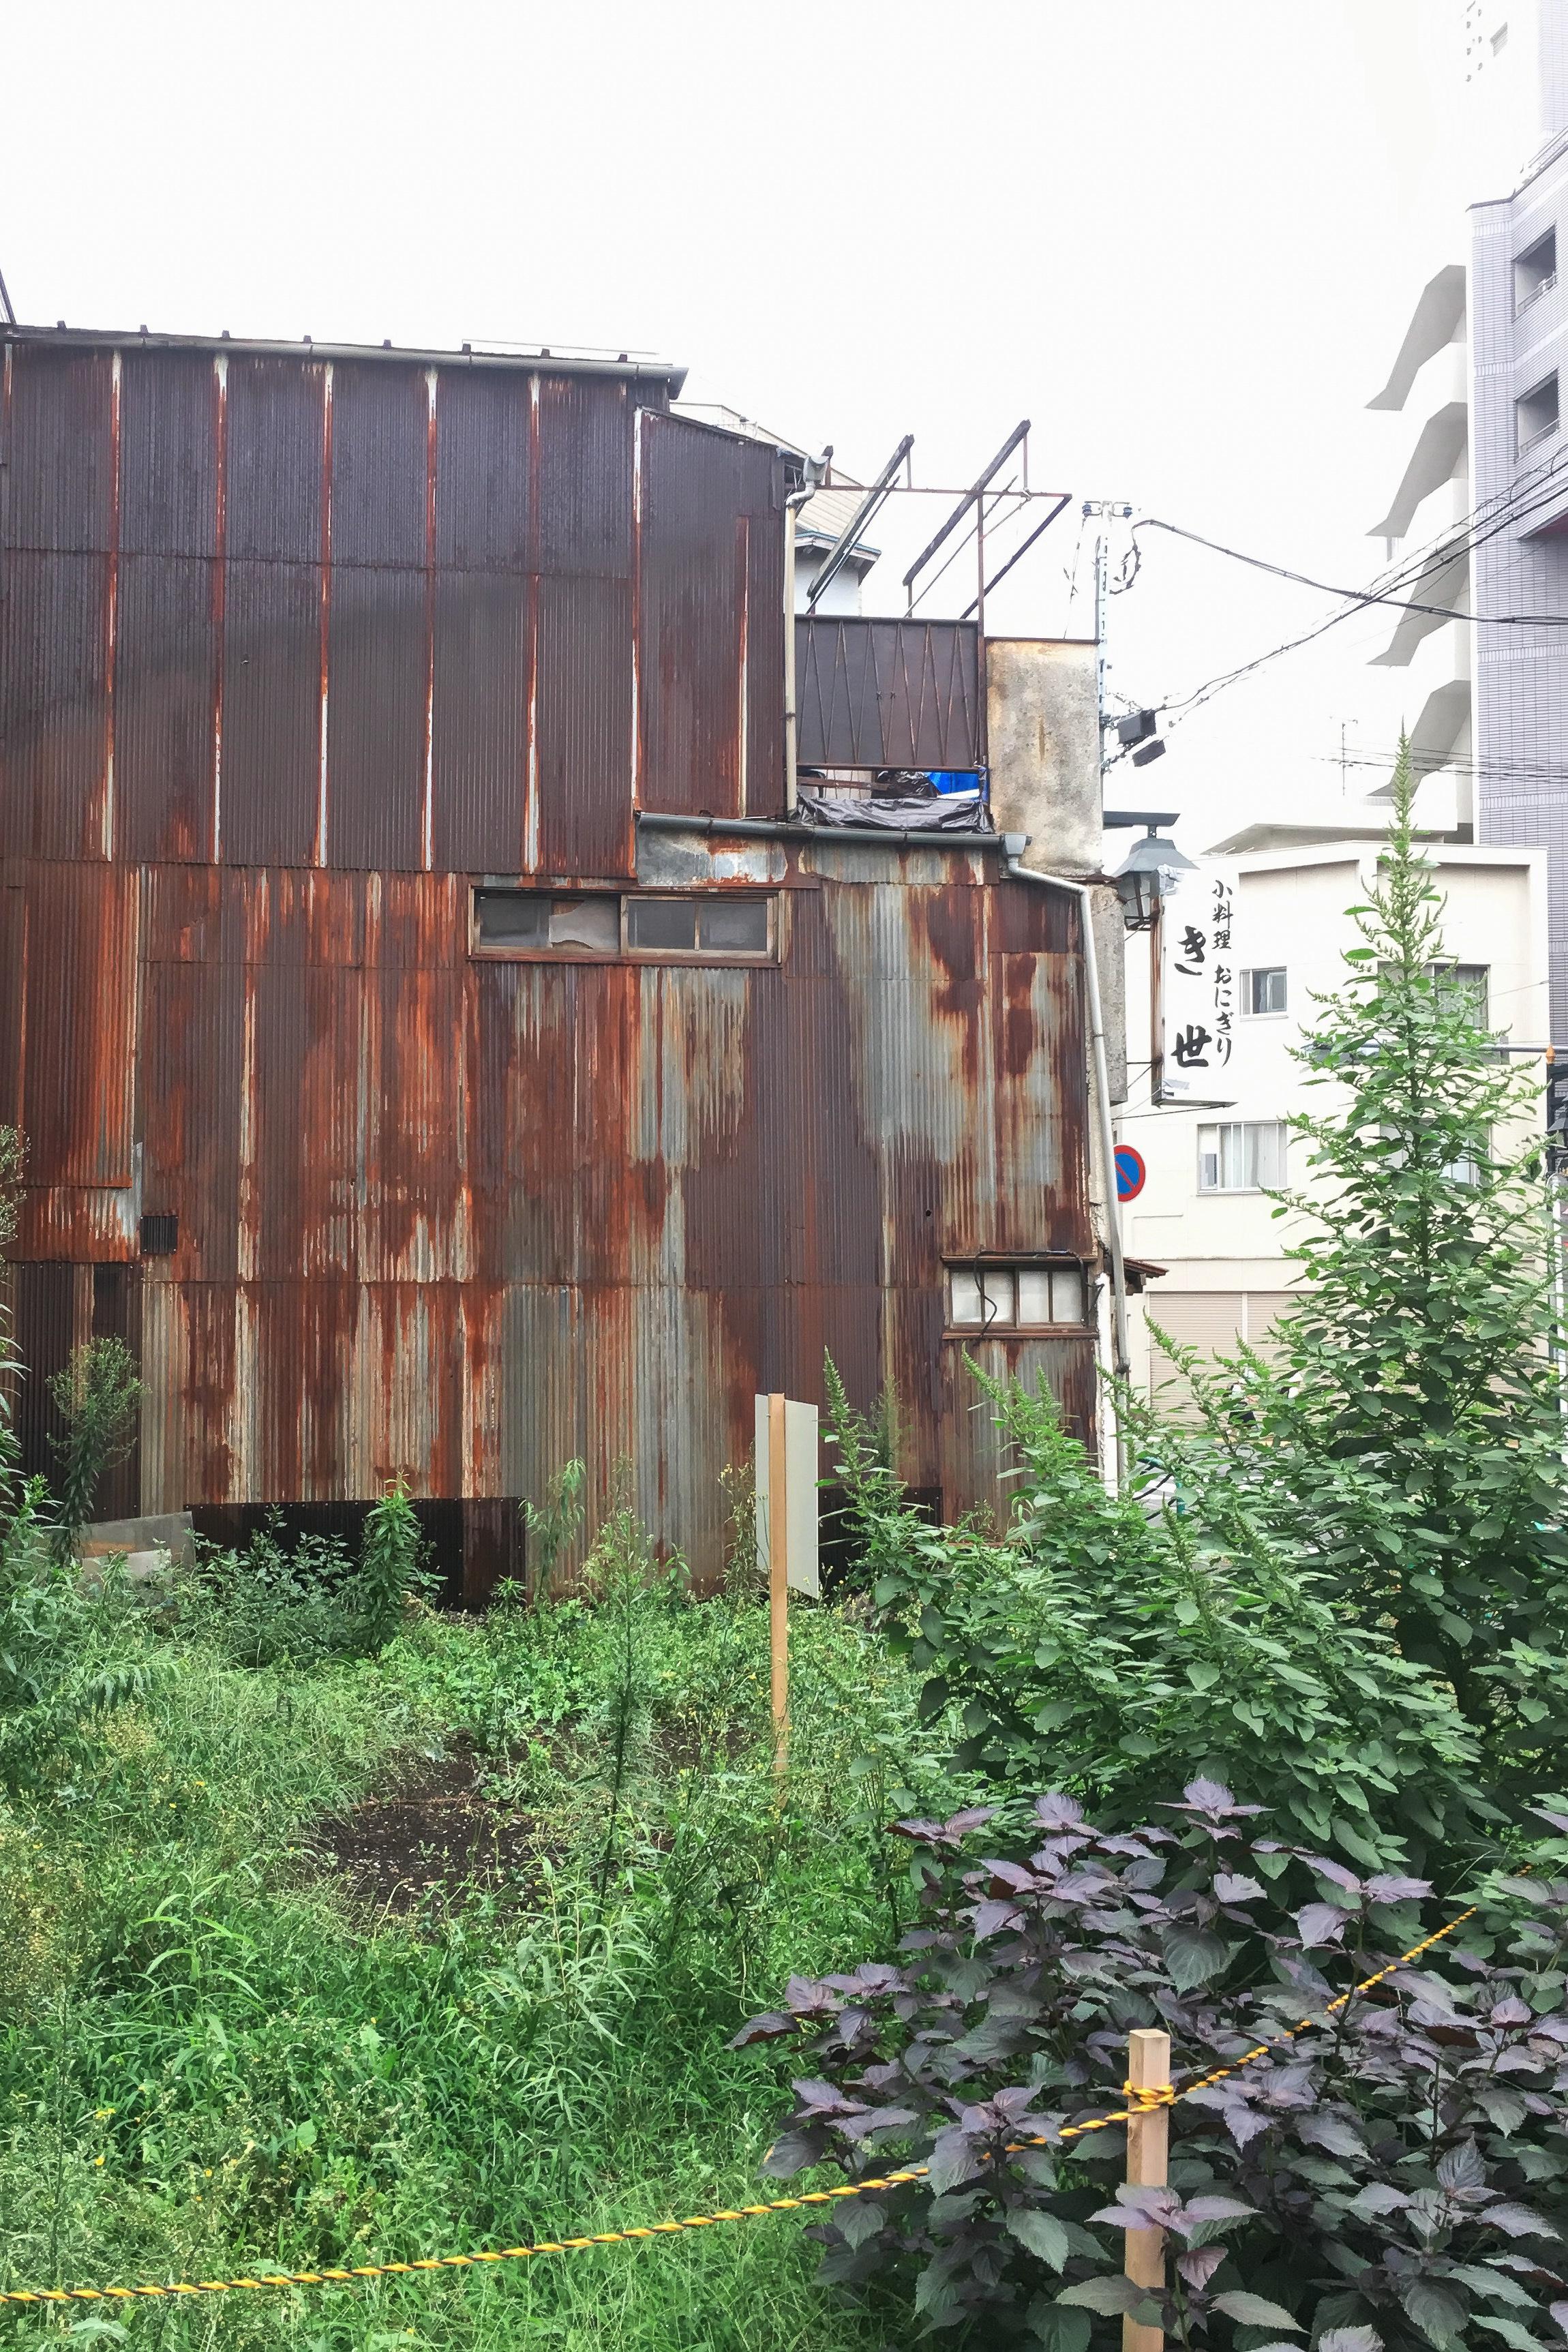 Paranormal totan. Location: Kichijoji, Tokyo